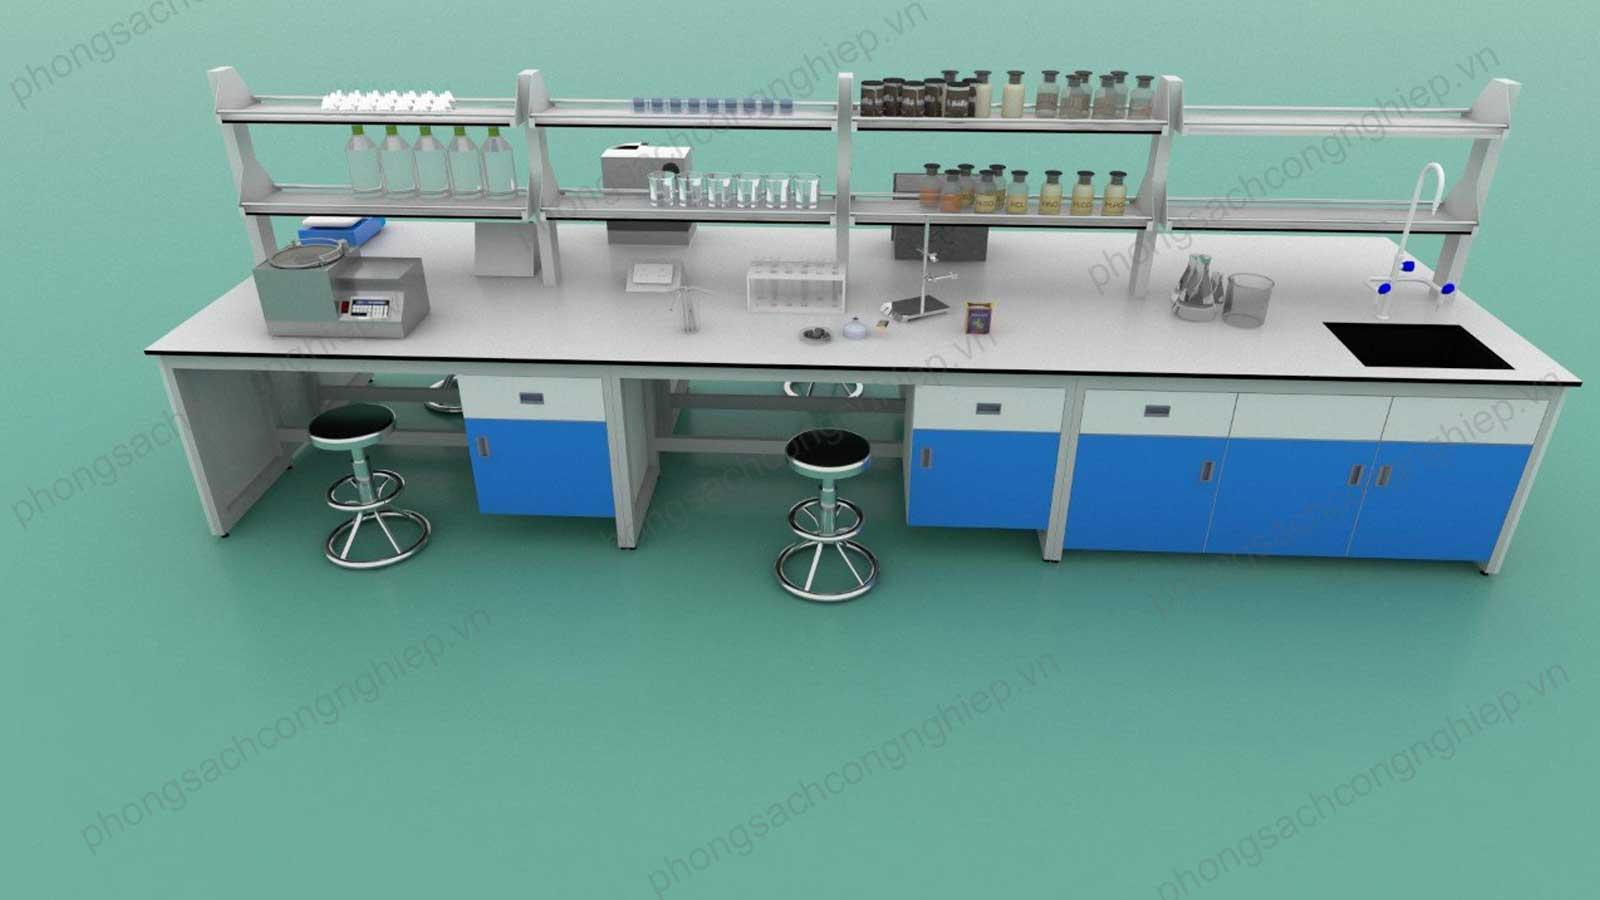 bàn-thí-nghiệm-trung-tâm-mẫu-1